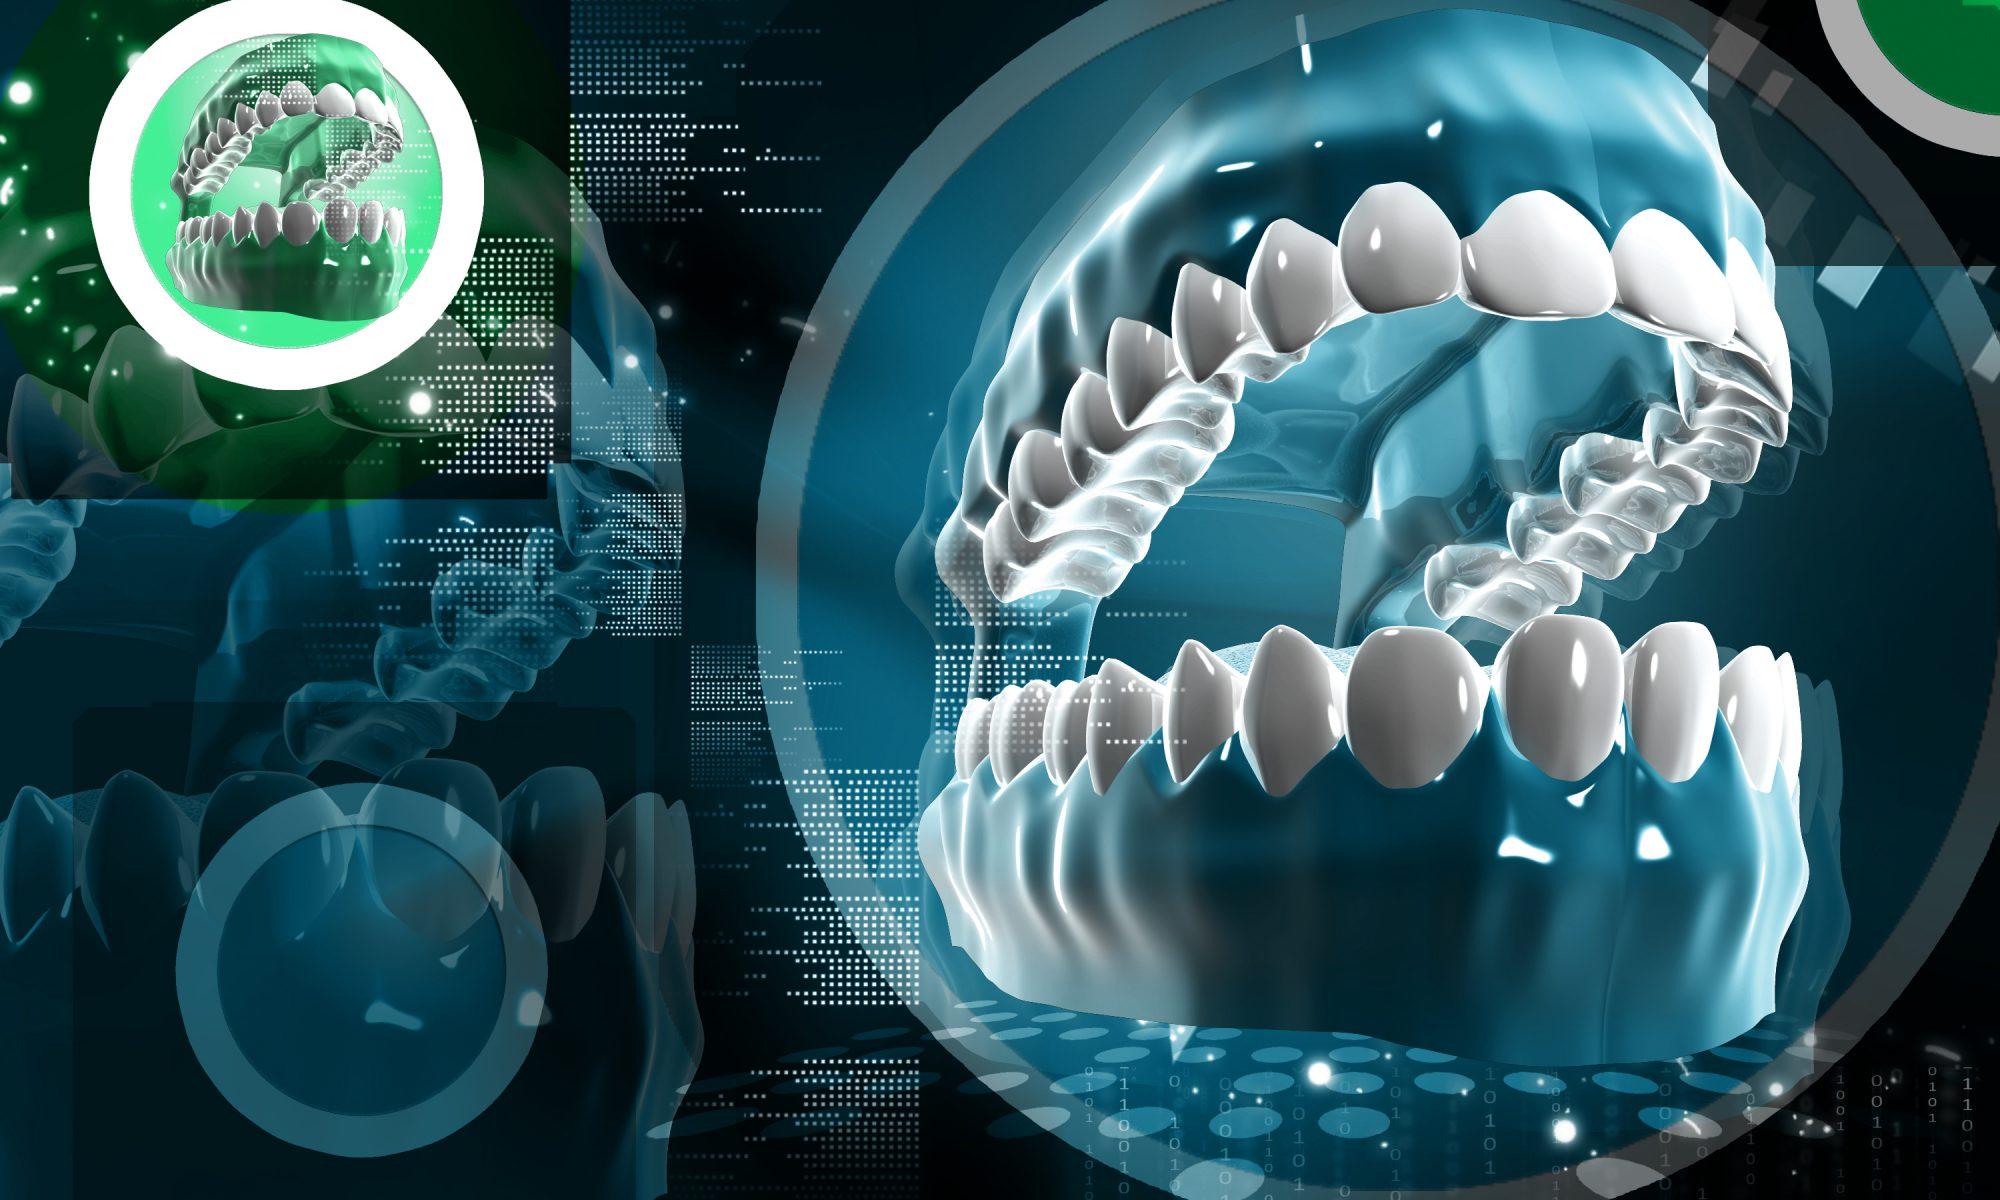 Fhoch2: Dental HighTech für Implantate und Zähne in Hofgeismar und Kassel